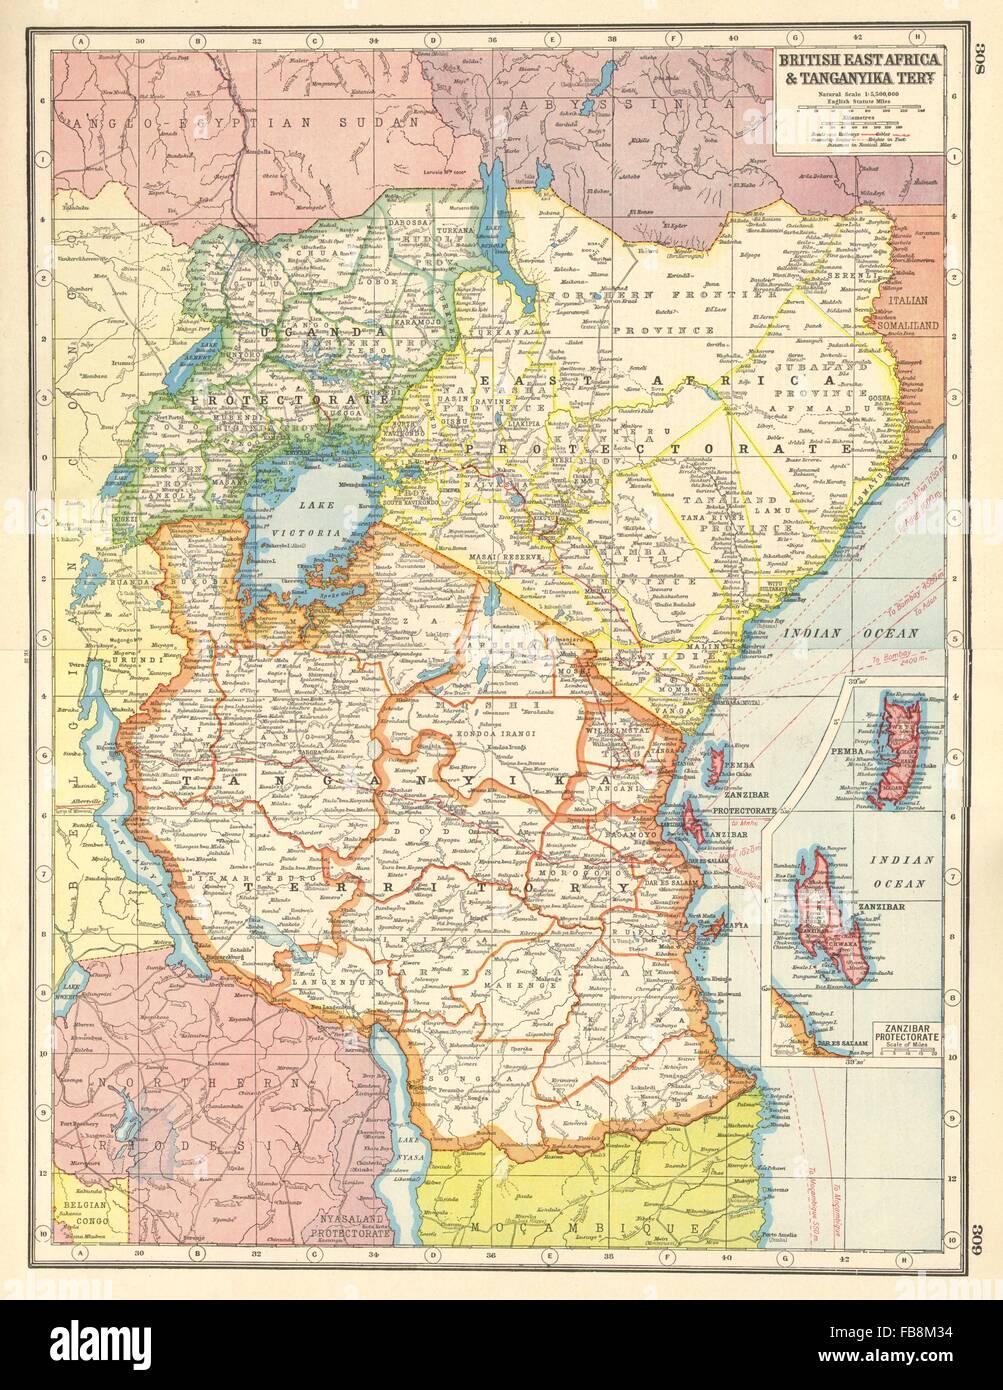 EAST AFRICA British EA Tanganyika TerrKenya Tanzania Zanzibar